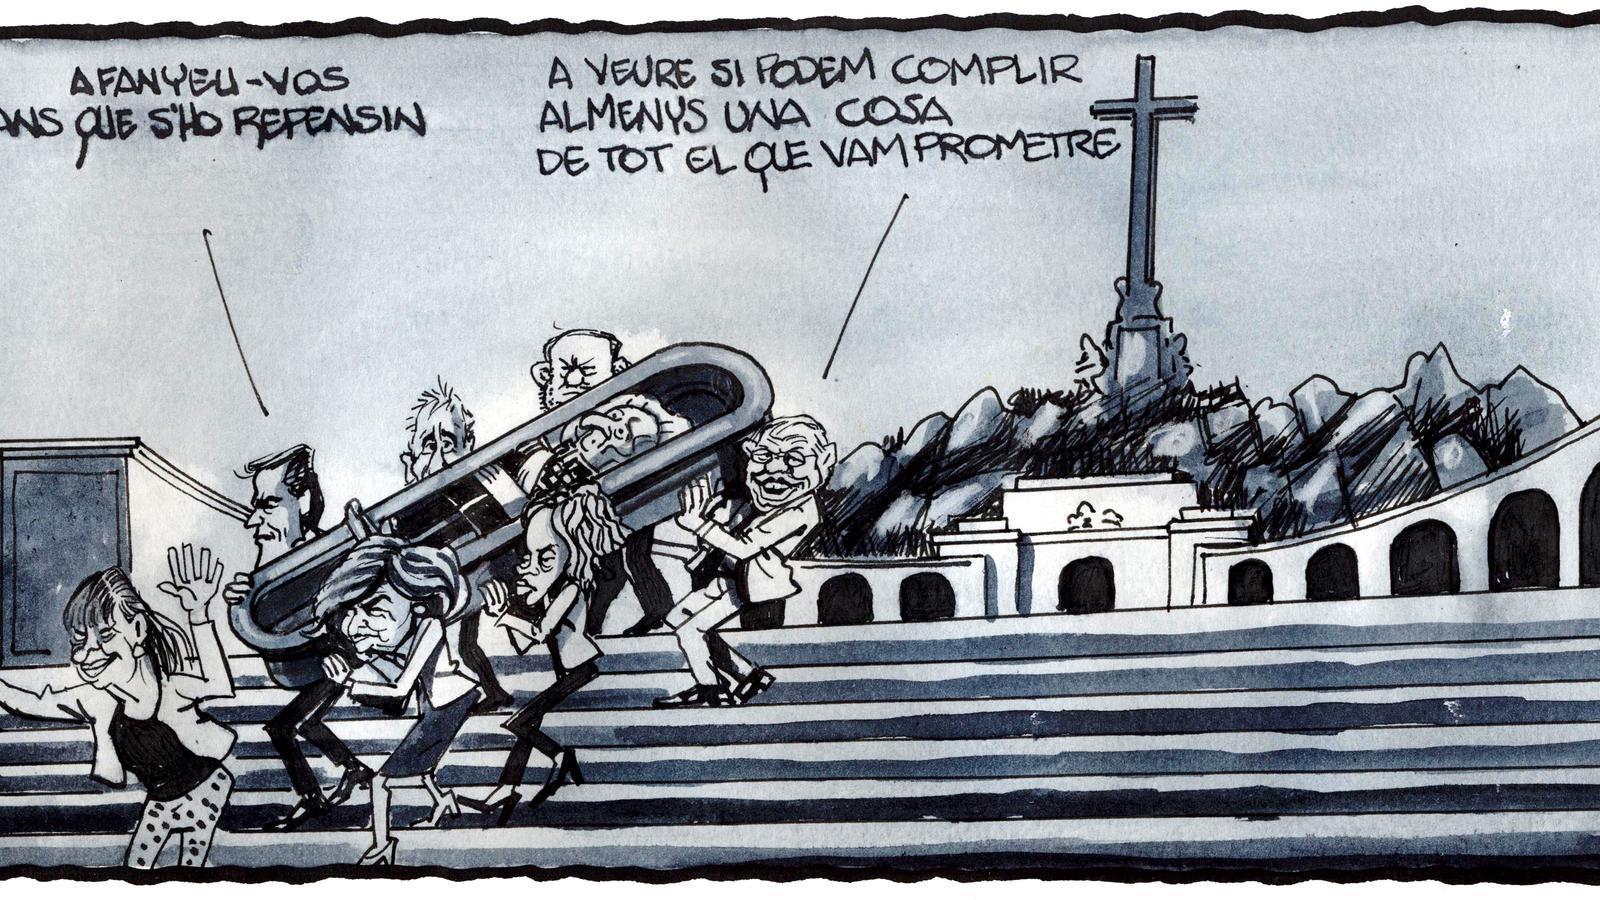 'A la contra', per Ferreres (26/09/2019)